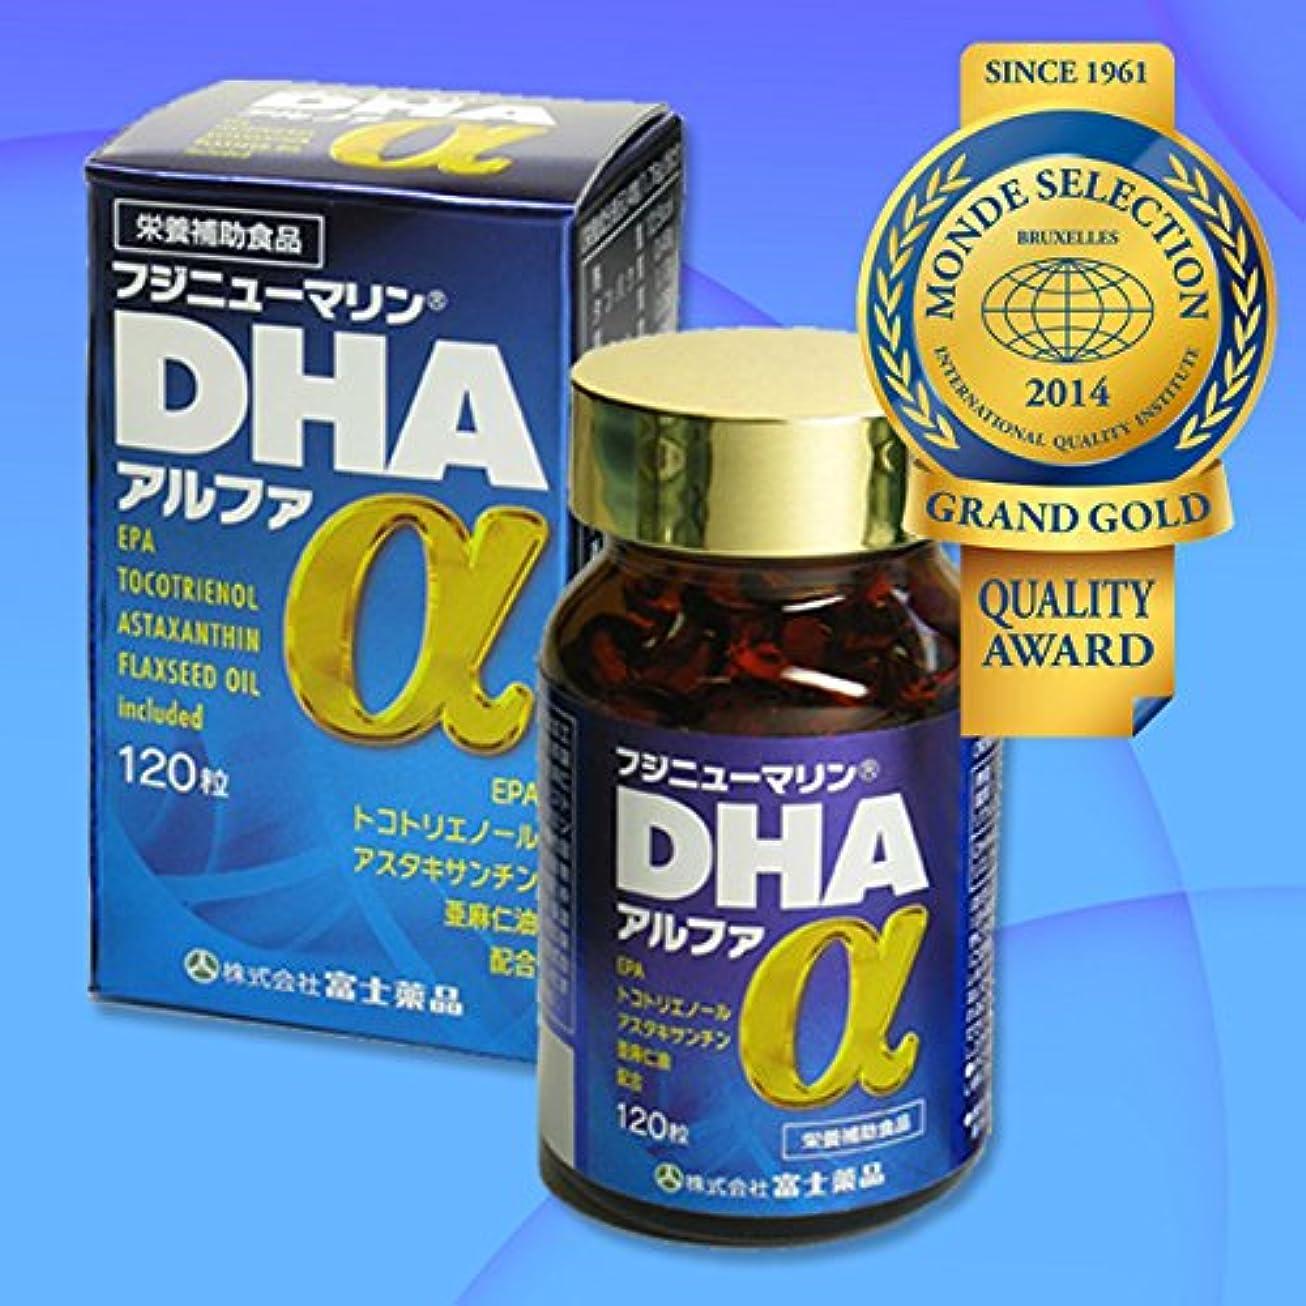 強盗ワイド苦難富士薬品 DHA&EPAフジニューマリンDHAα 120粒入り